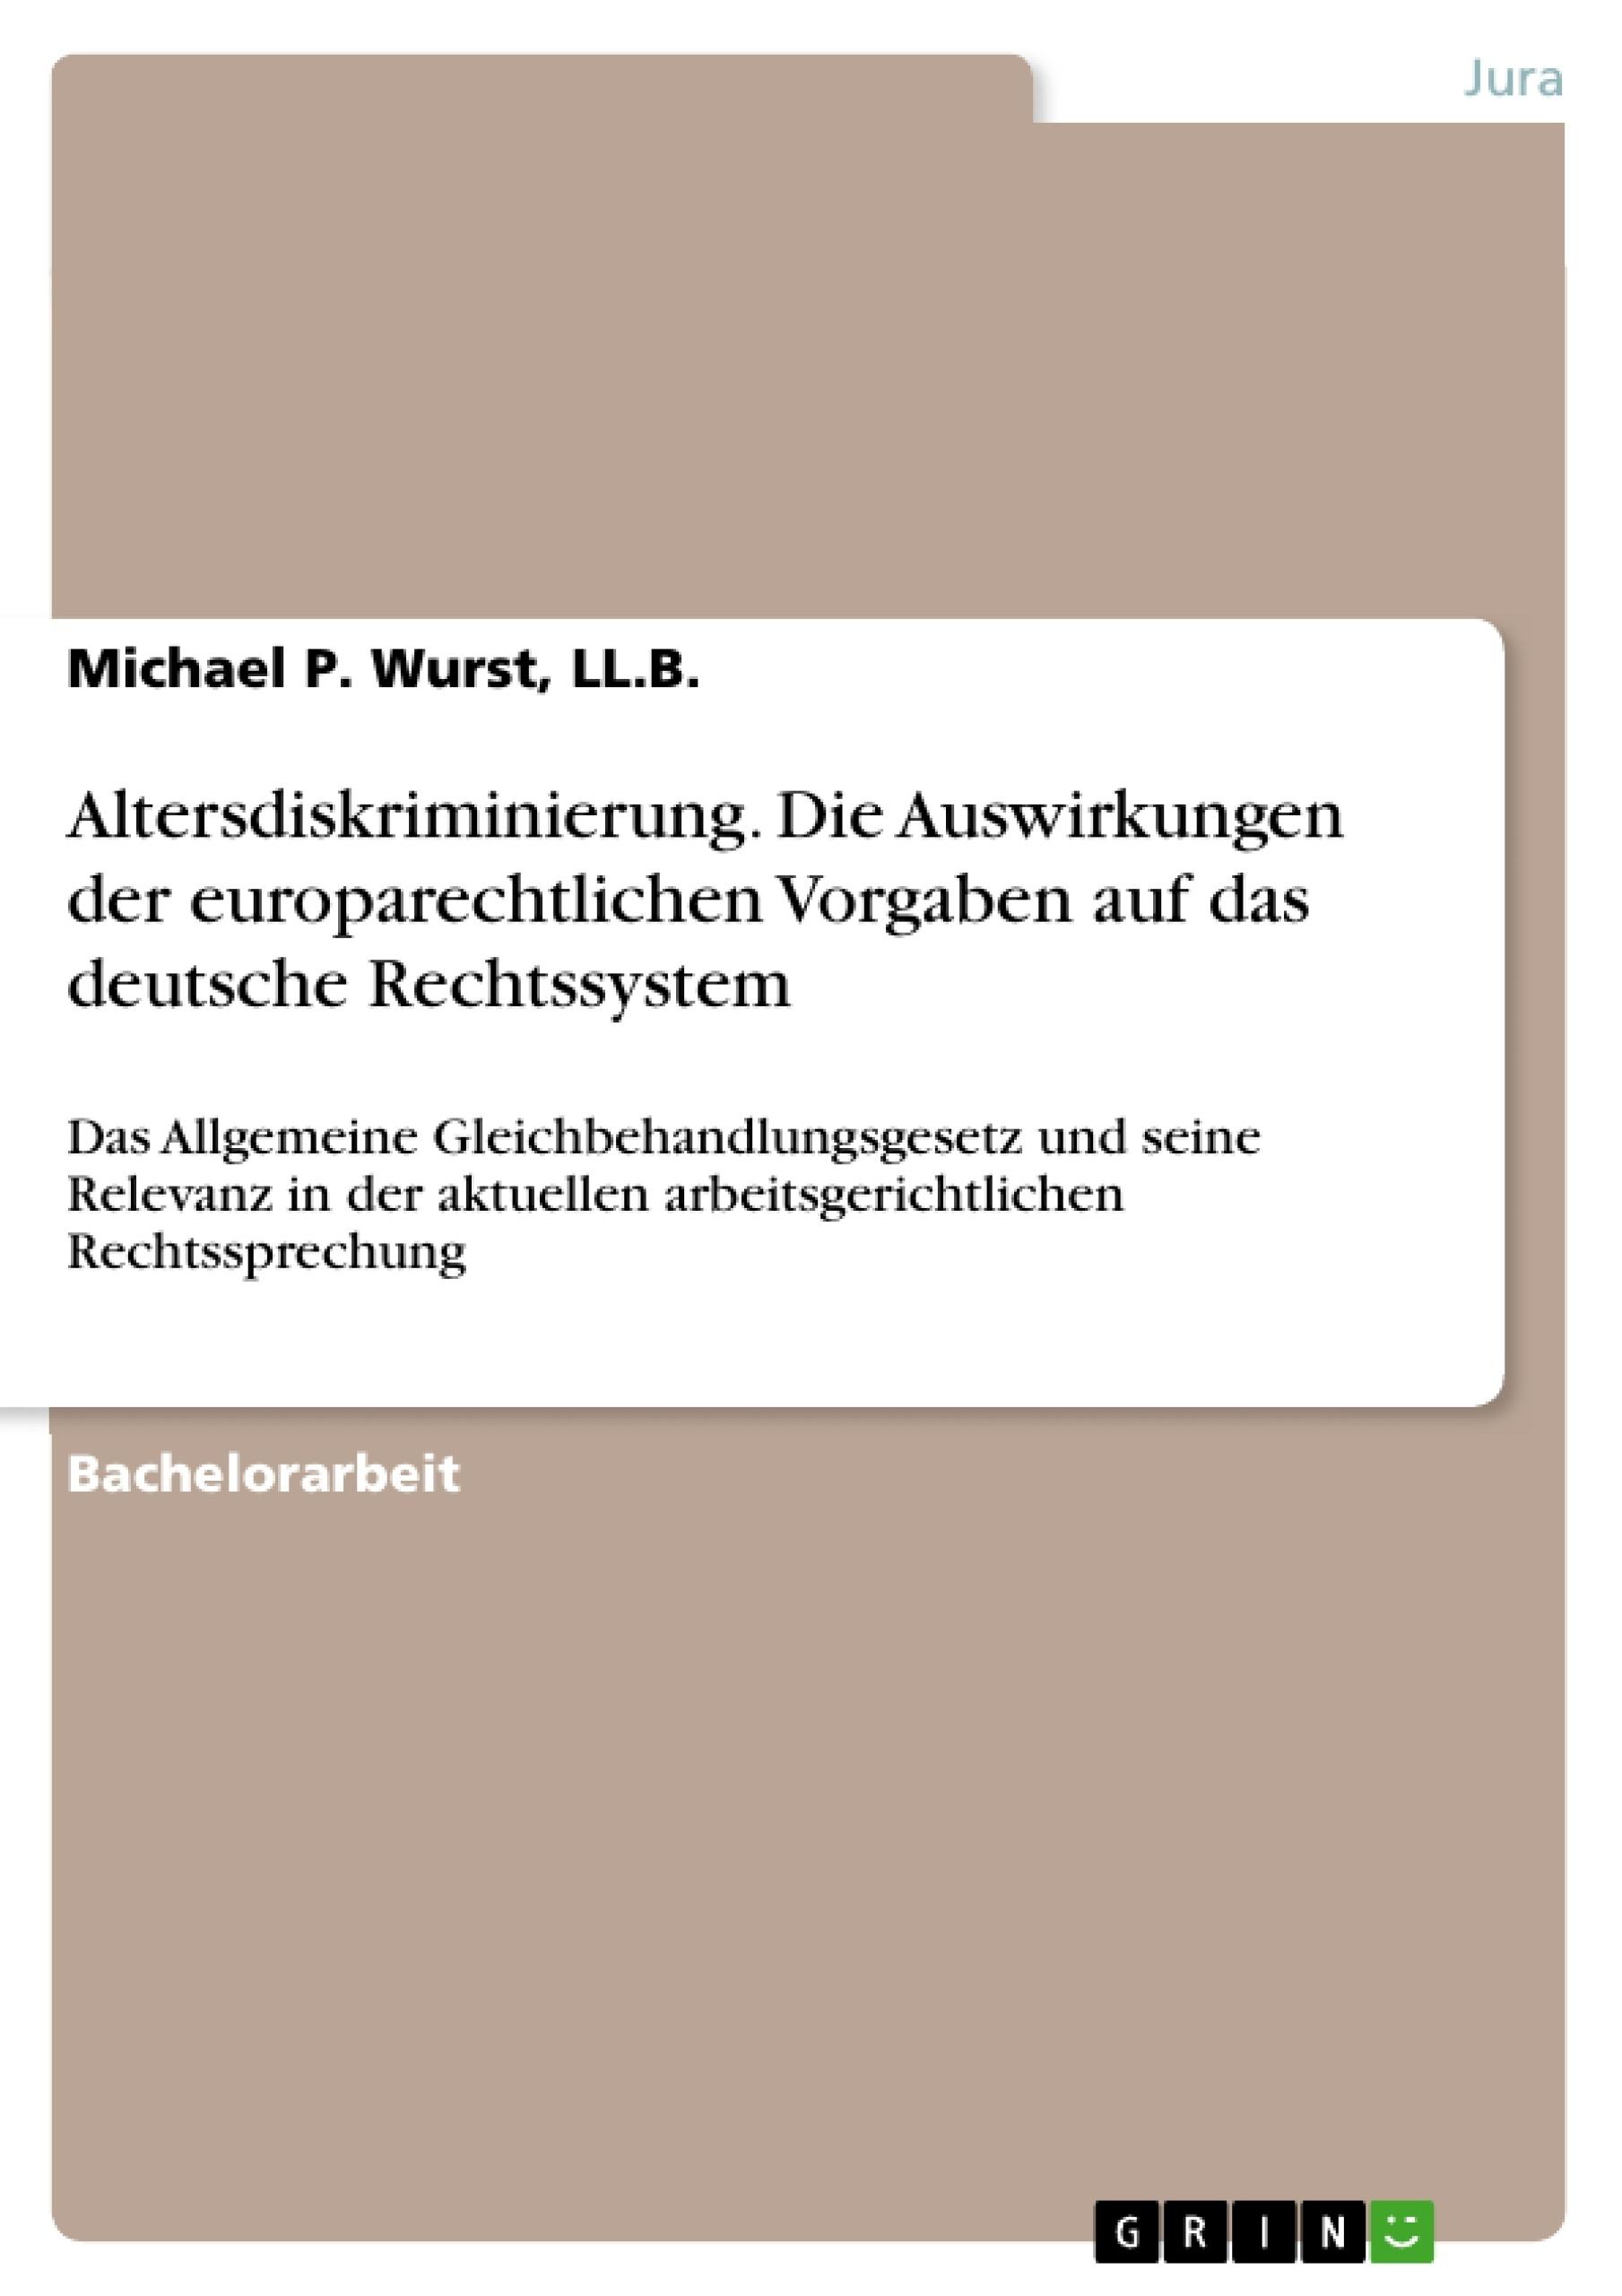 Titel: Altersdiskriminierung. Die Auswirkungen der europarechtlichen Vorgaben auf das deutsche Rechtssystem